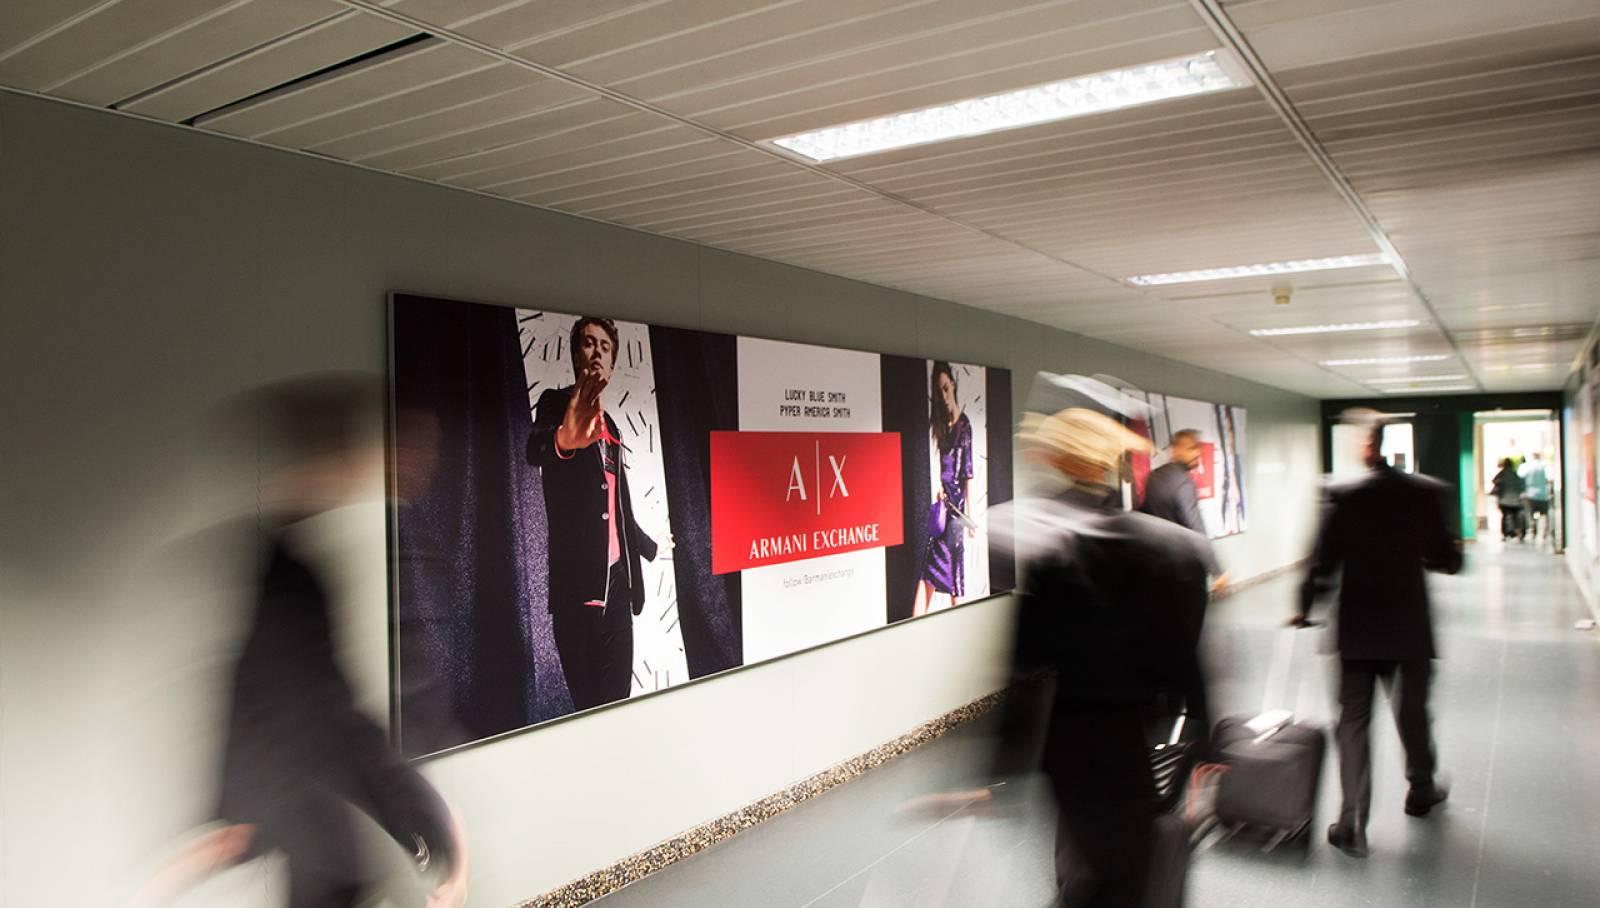 Pubblicità aeroporto IGPDecaux Finger per Armani a Malpensa